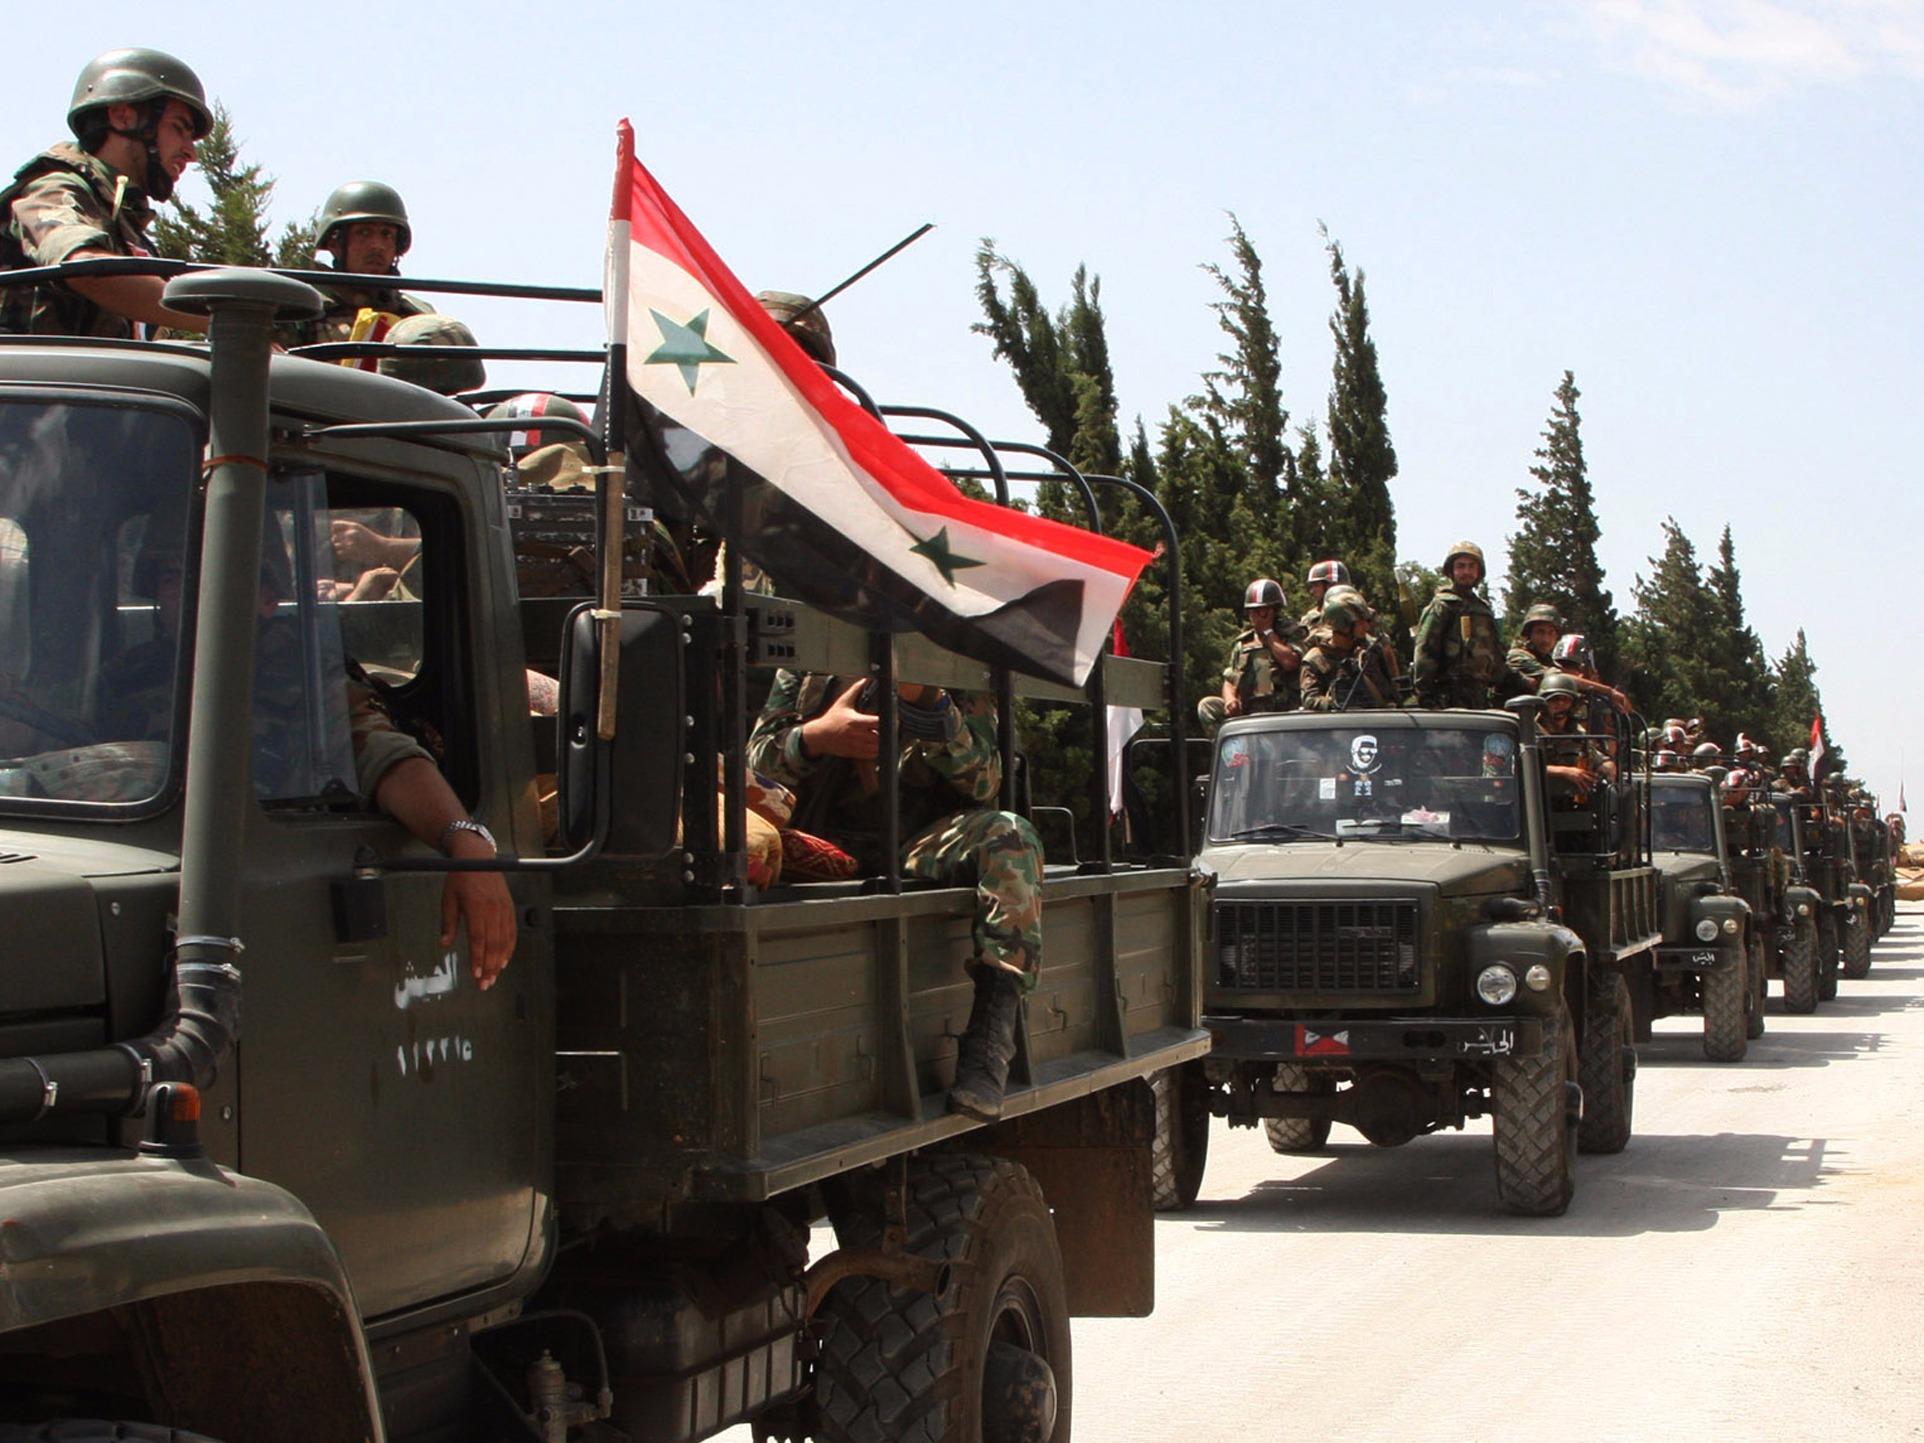 Suriye Ordusu Halep'in içindeki silahlıların güvenli çıkışını sağlayacak